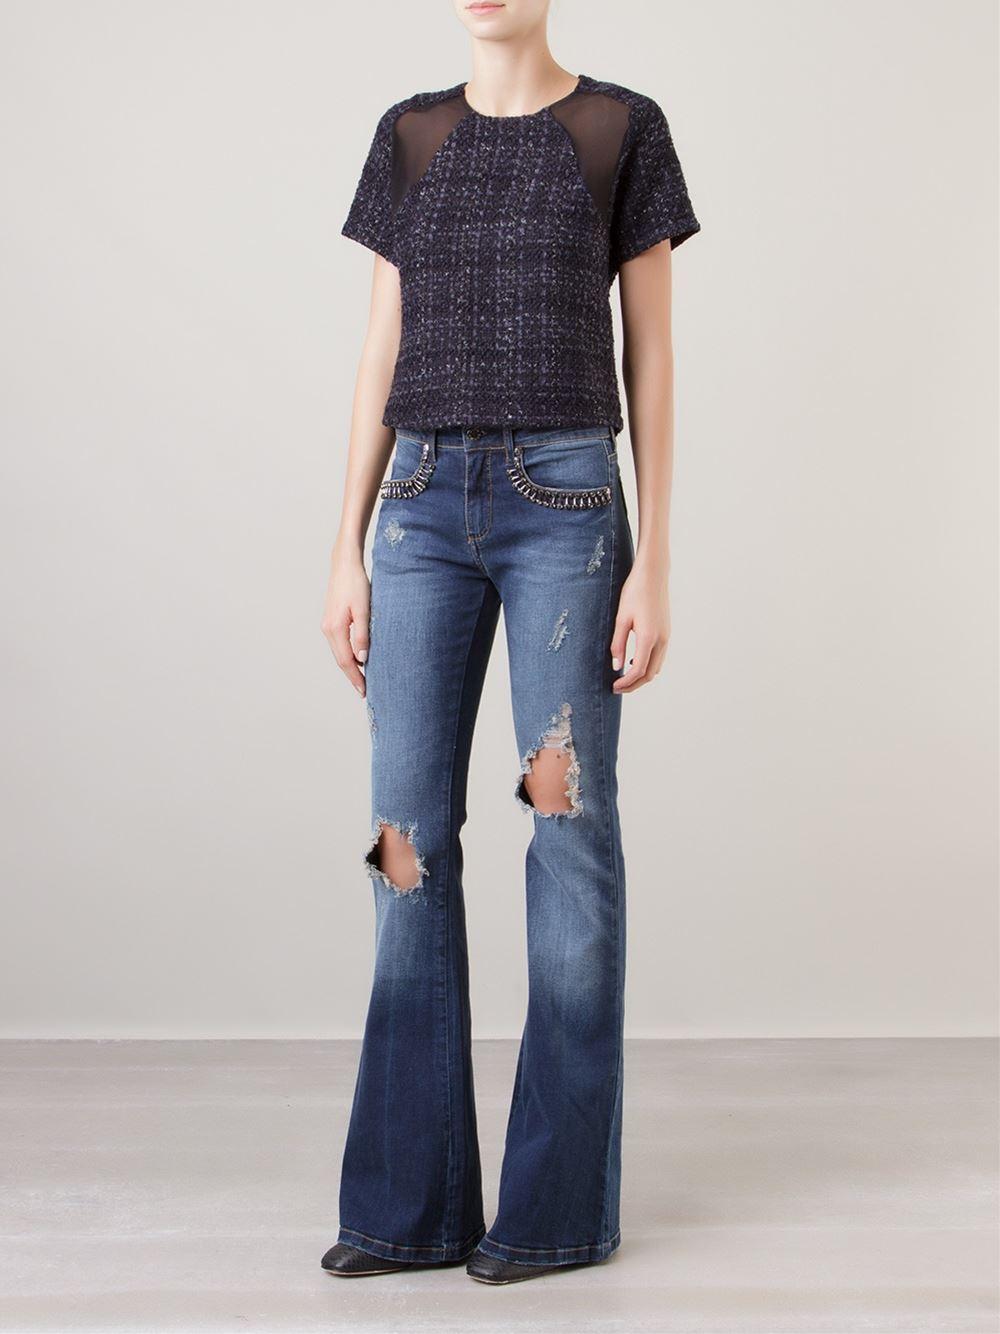 Calça Flare jeans - Carina Duek. Compre AQUI imagem: divulgação / Farfetch